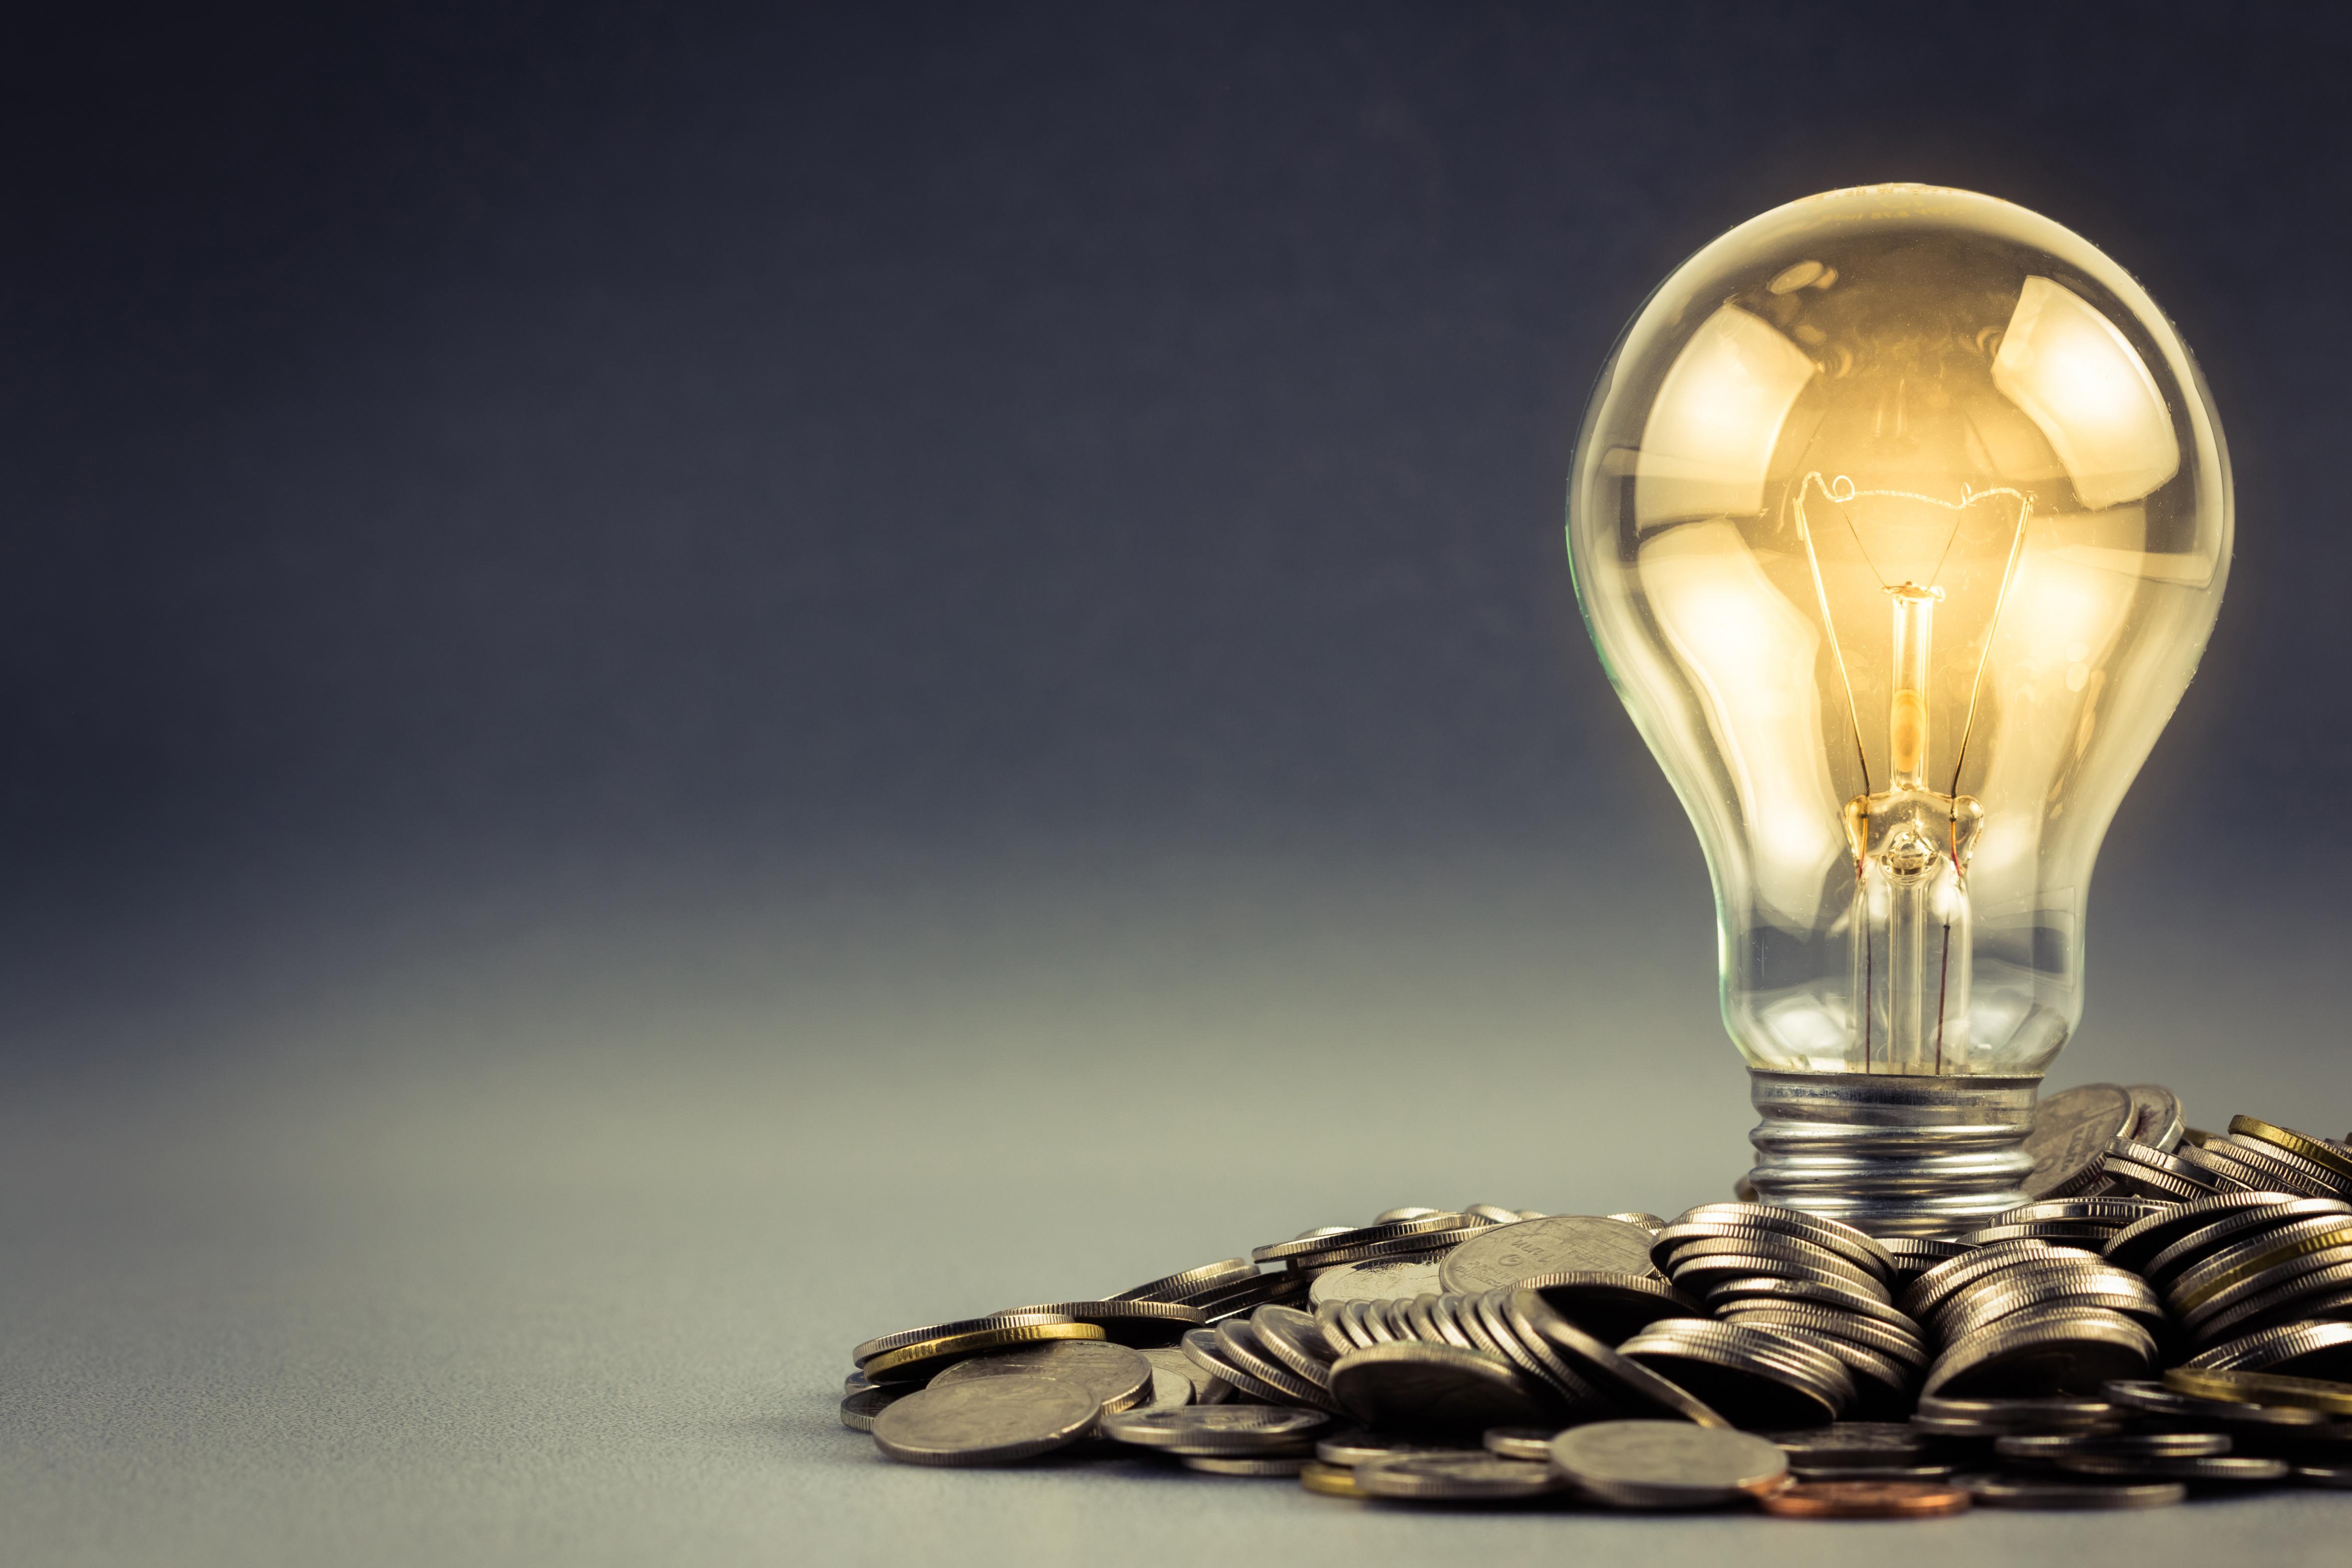 Αύξηση της τιμής του ηλεκτρικού ρεύματος κατά 150% την περίοδο 2005-2016 | tovima.gr